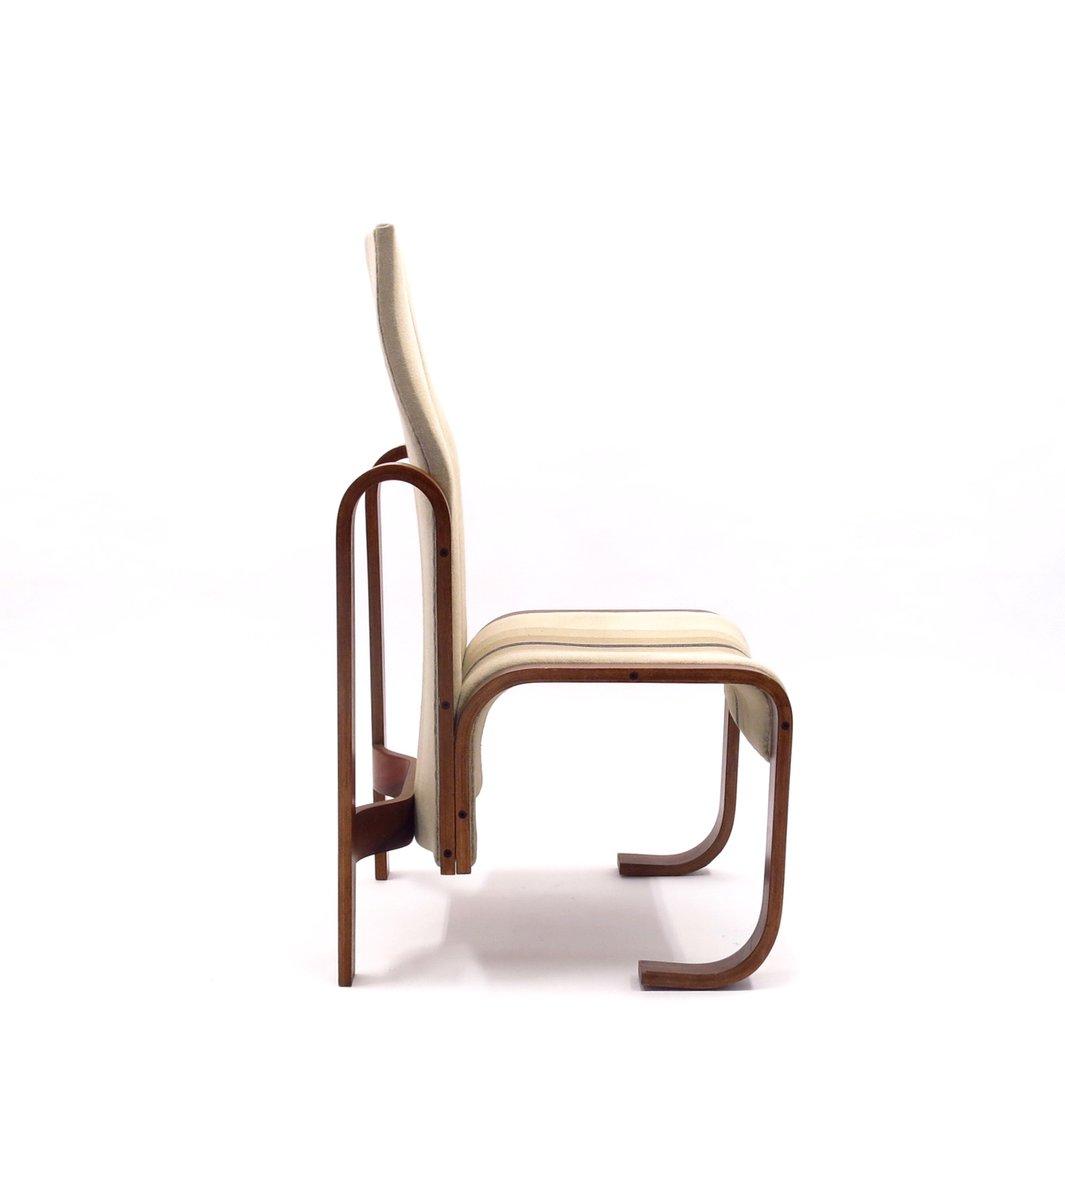 bugholz stuhl mit hoher r ckenlehne von jan bo an 1972 bei pamono kaufen. Black Bedroom Furniture Sets. Home Design Ideas